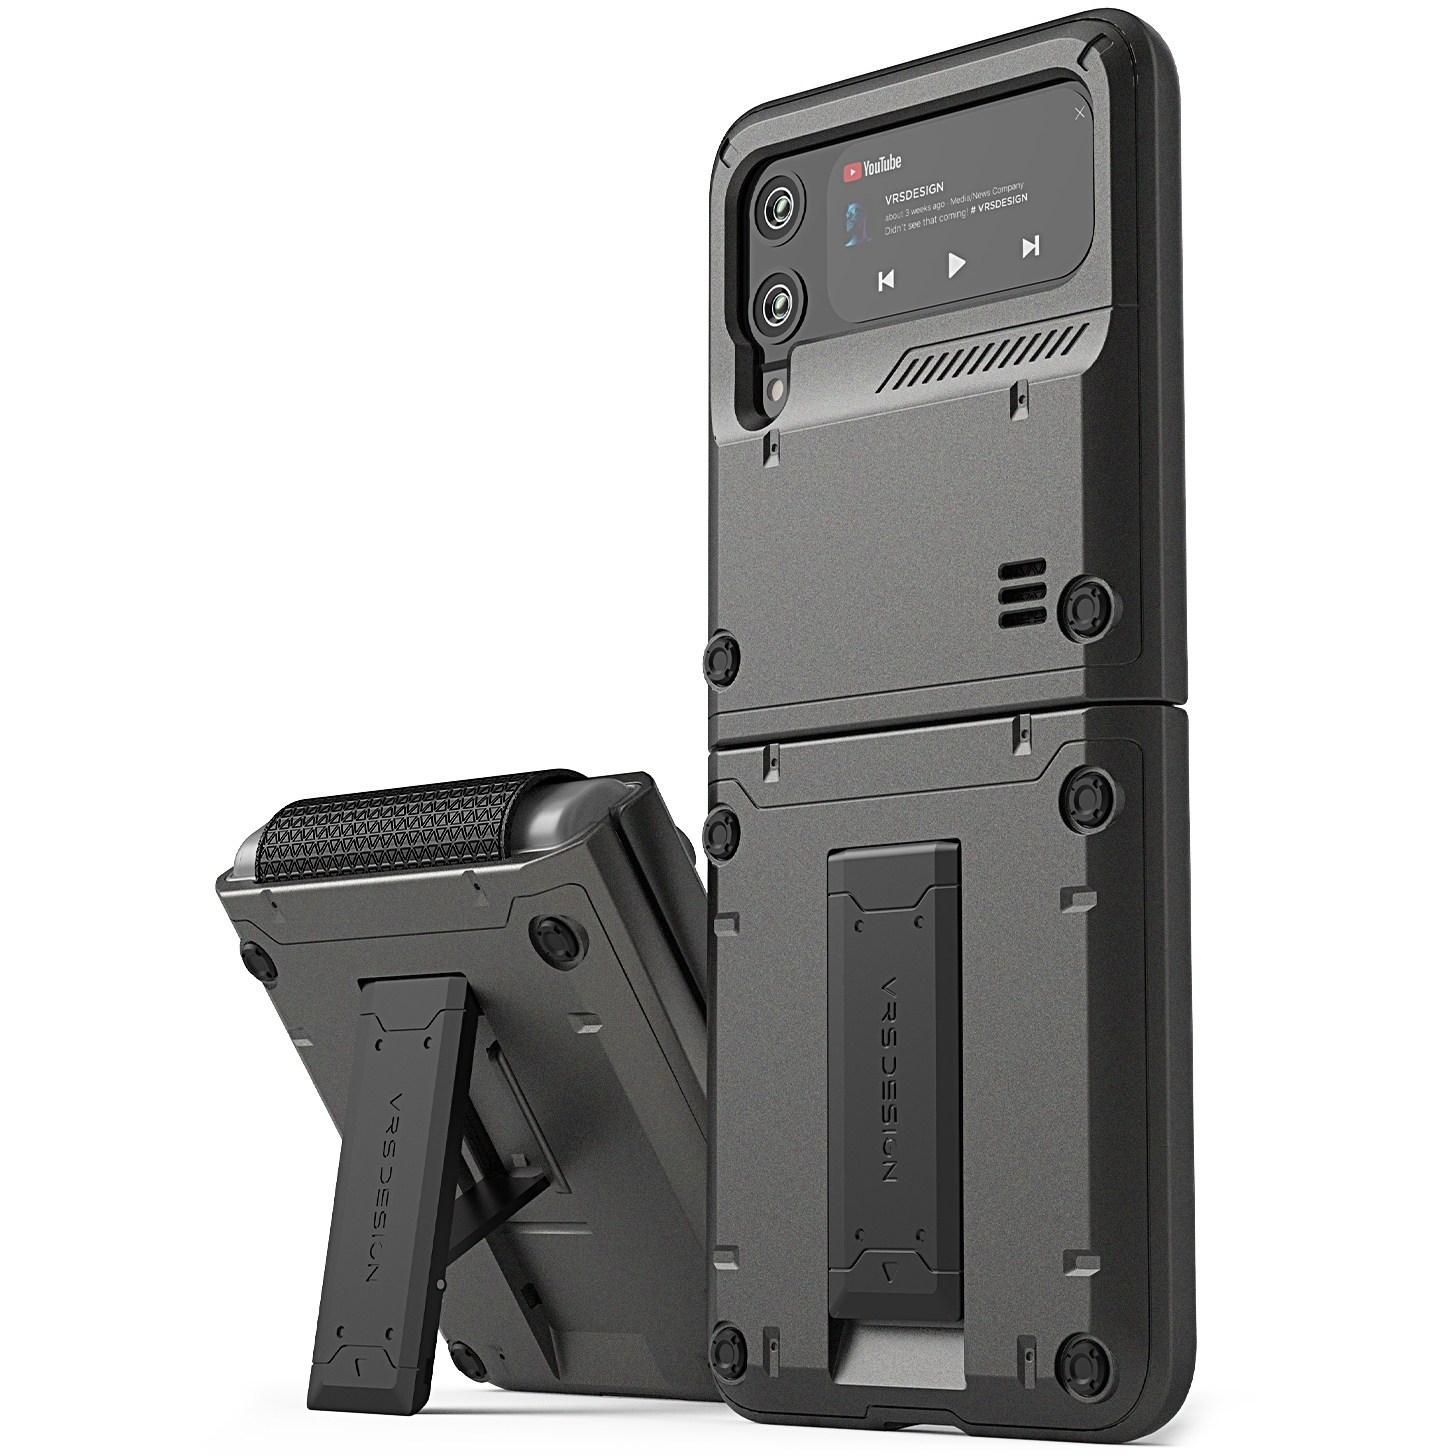 [z플립3 케이스] 베루스 거치대 하드 범퍼 힌지 커버 휴대폰 케이스 퀵스탠드 액티브 - 랭킹2위 (28800원)